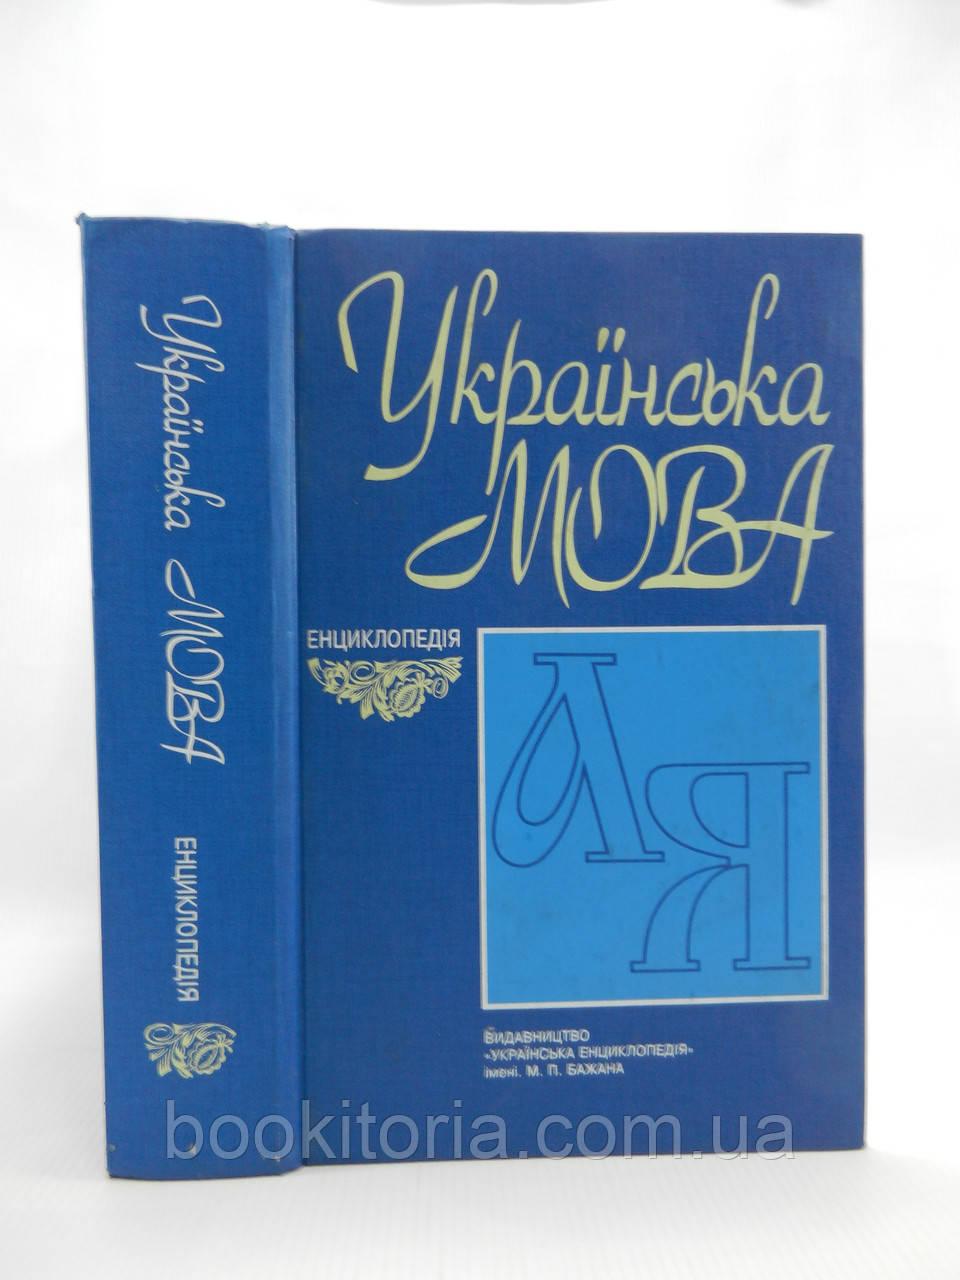 Українська мова. Енциклопедія (б/у).